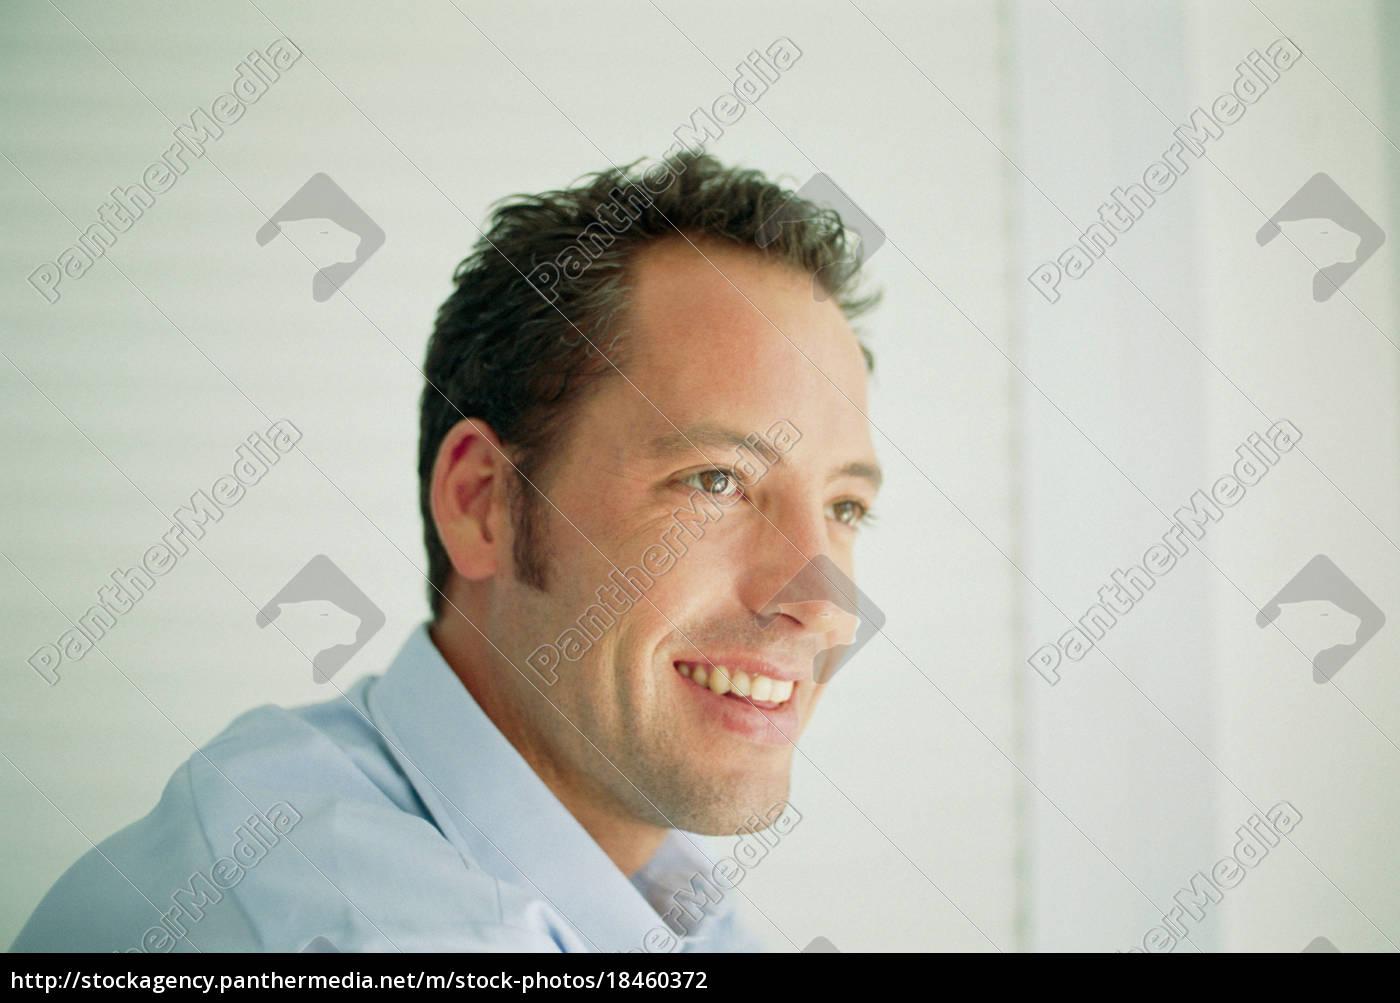 zbliżenie, uśmiechniętej, twarzy, człowieka - 18460372